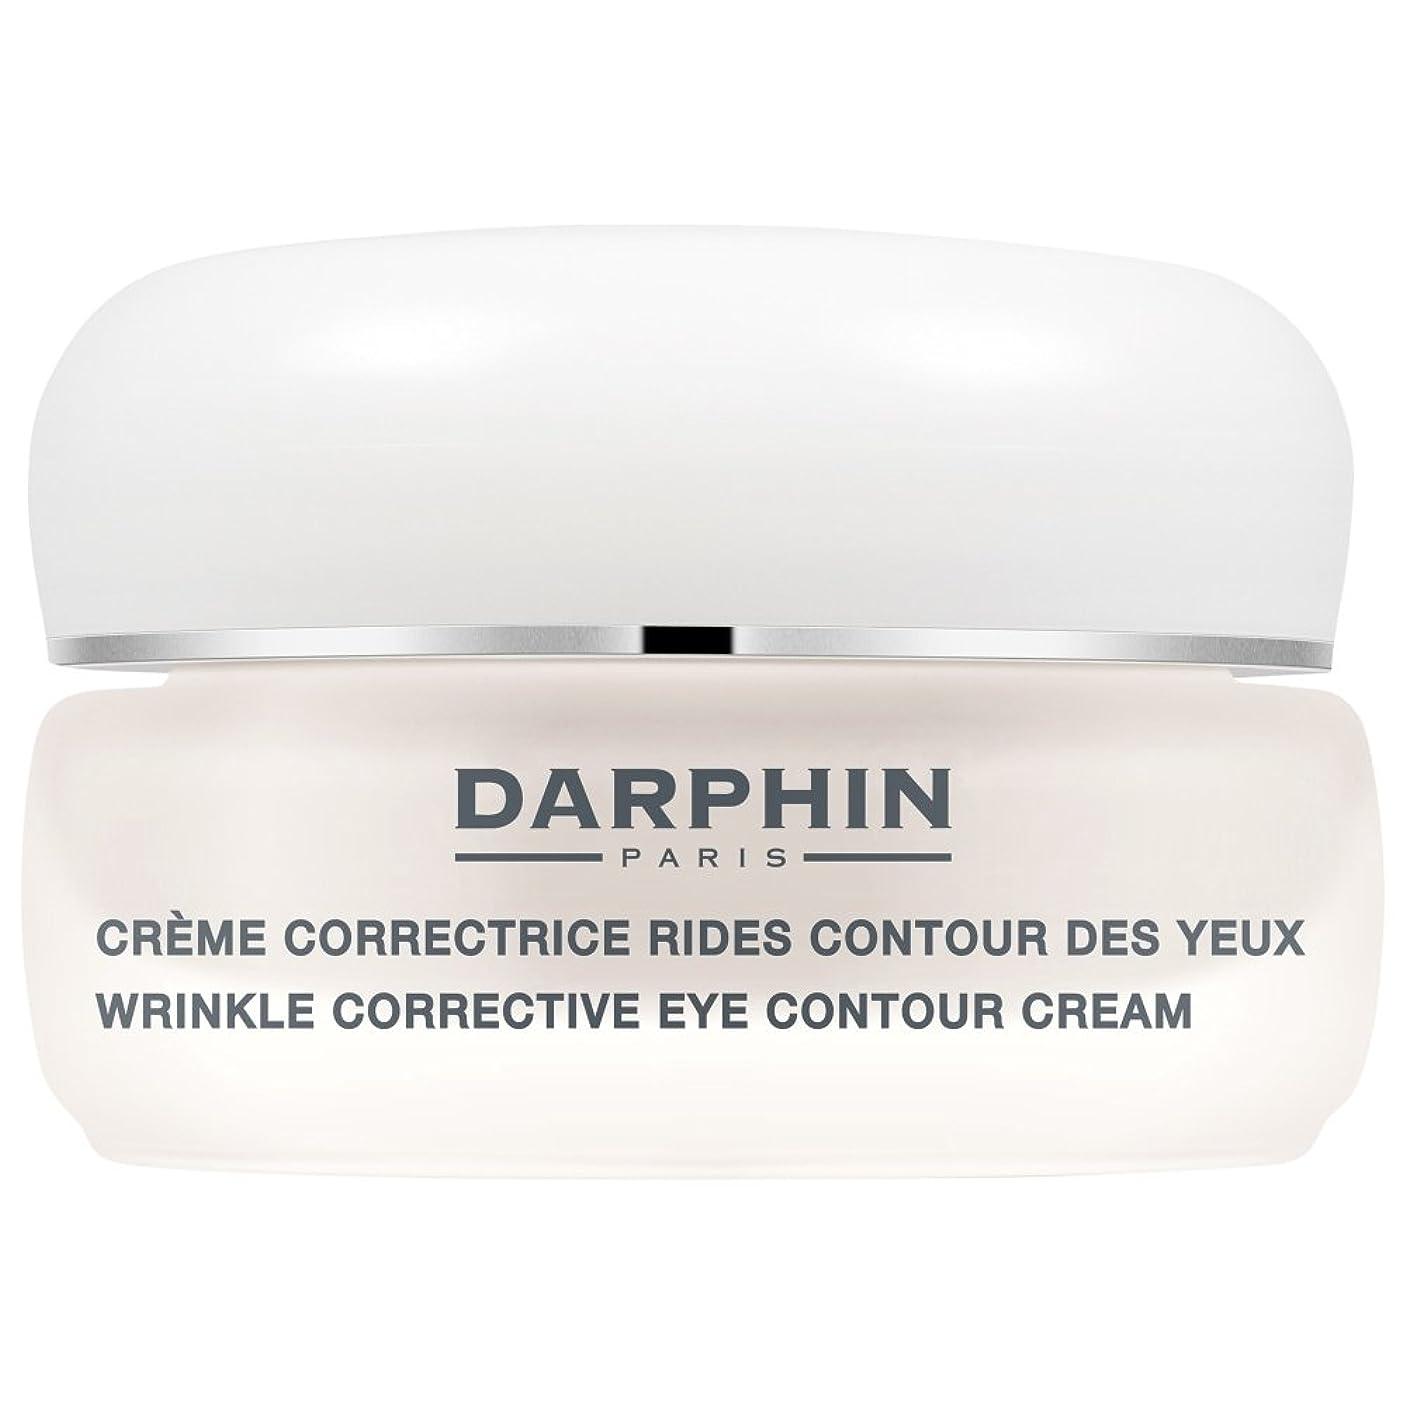 ポーン怠アソシエイトダルファンのシワ矯正アイ輪郭クリーム15ミリリットル (Darphin) - Darphin Wrinkle Corrective Eye Contour Cream 15ml [並行輸入品]